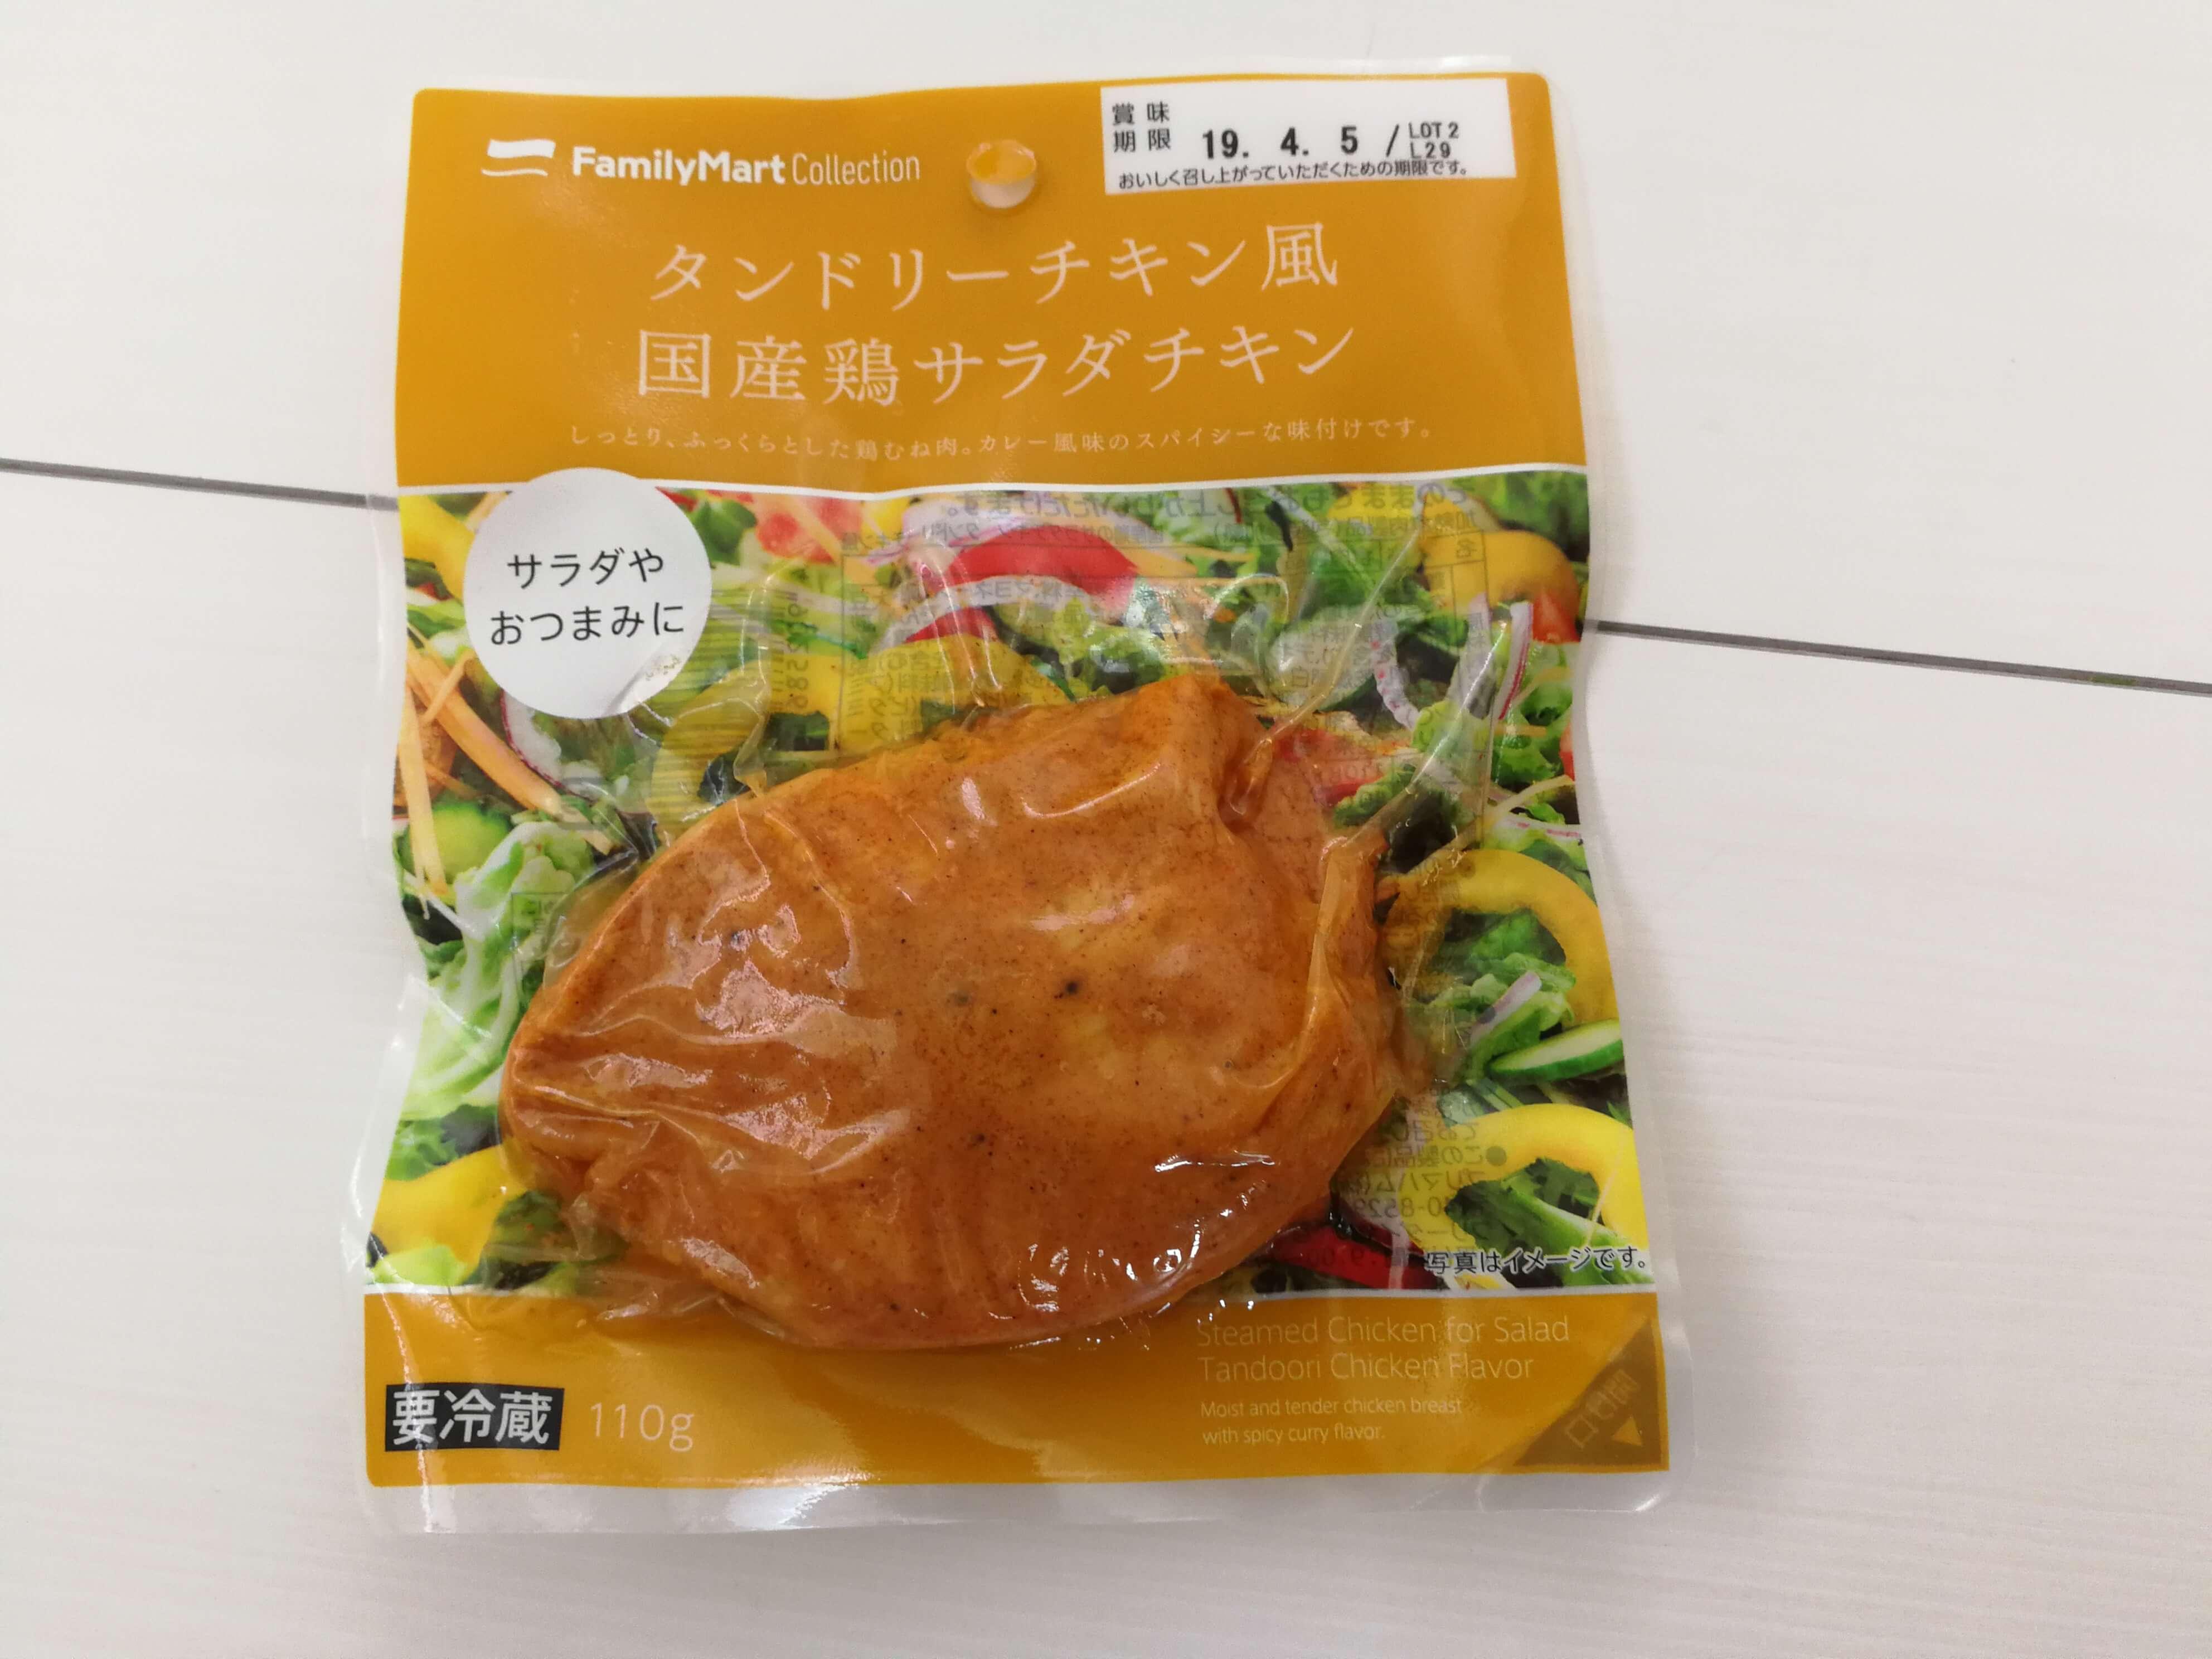 ファミリーマート|タンドリーチキン風国産鶏サラダチキンの本場感にメロメロ